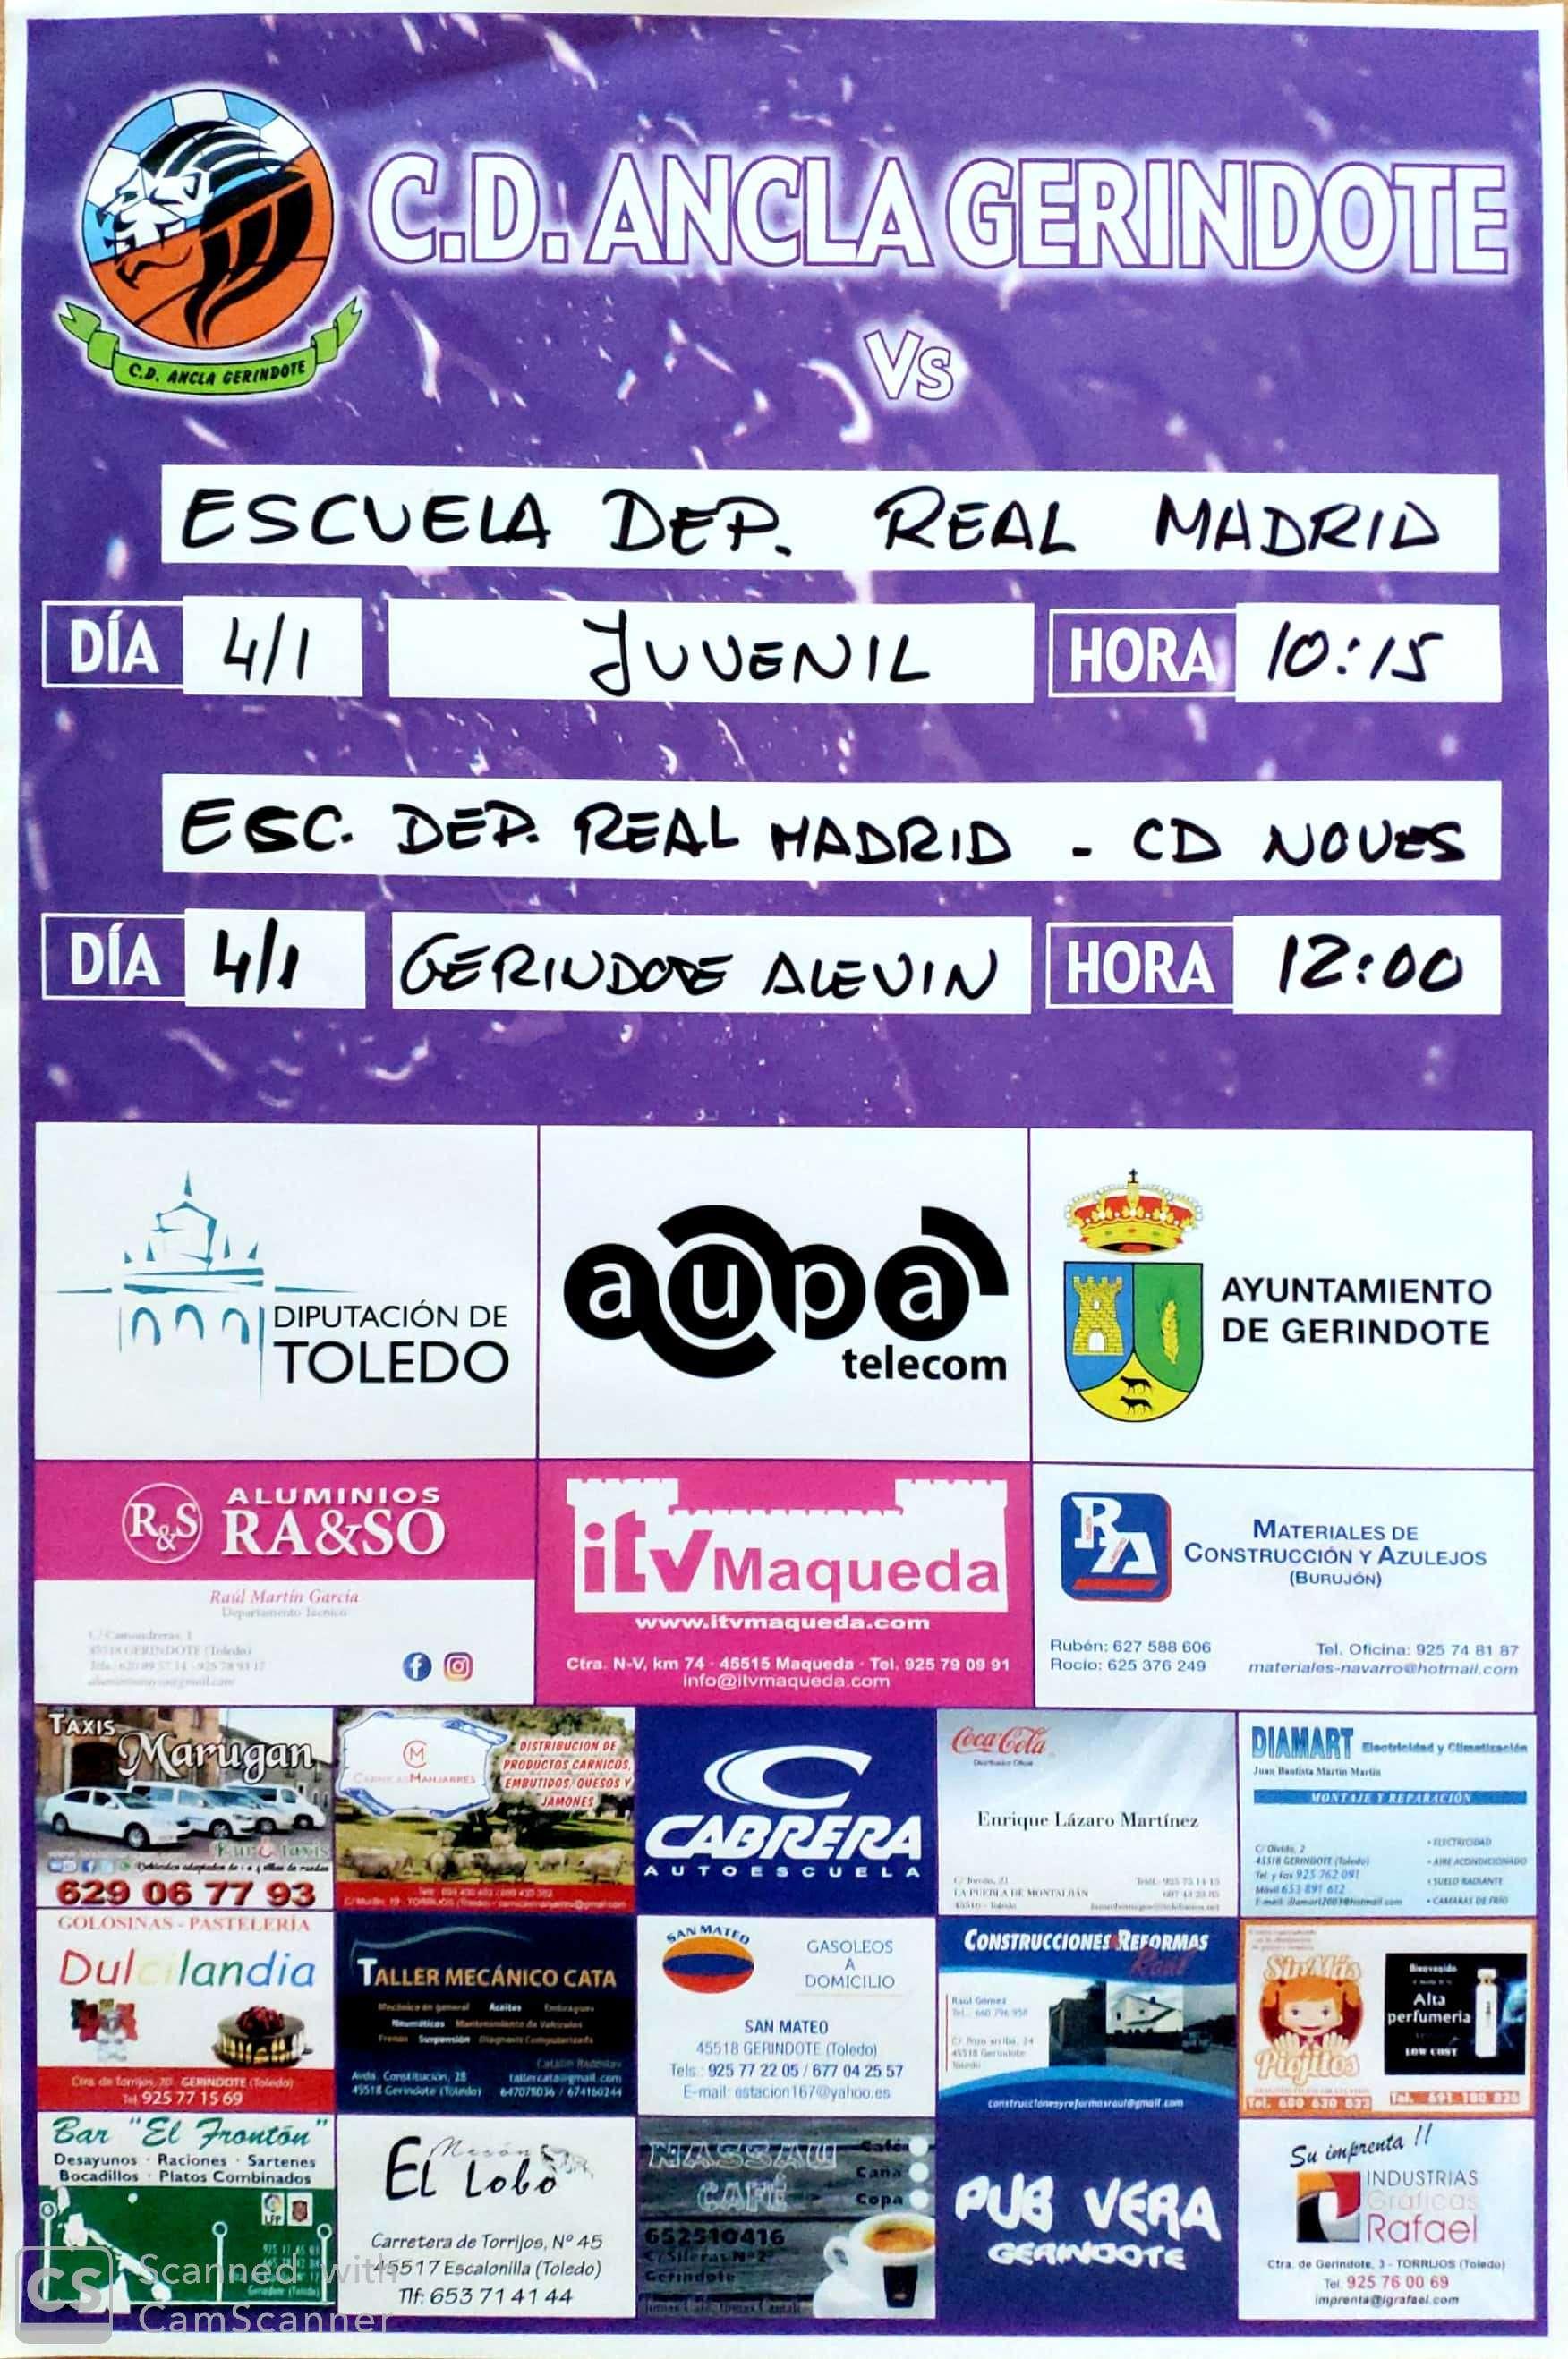 NuevoDocumento 2020-01-02 17.10.09.jpg